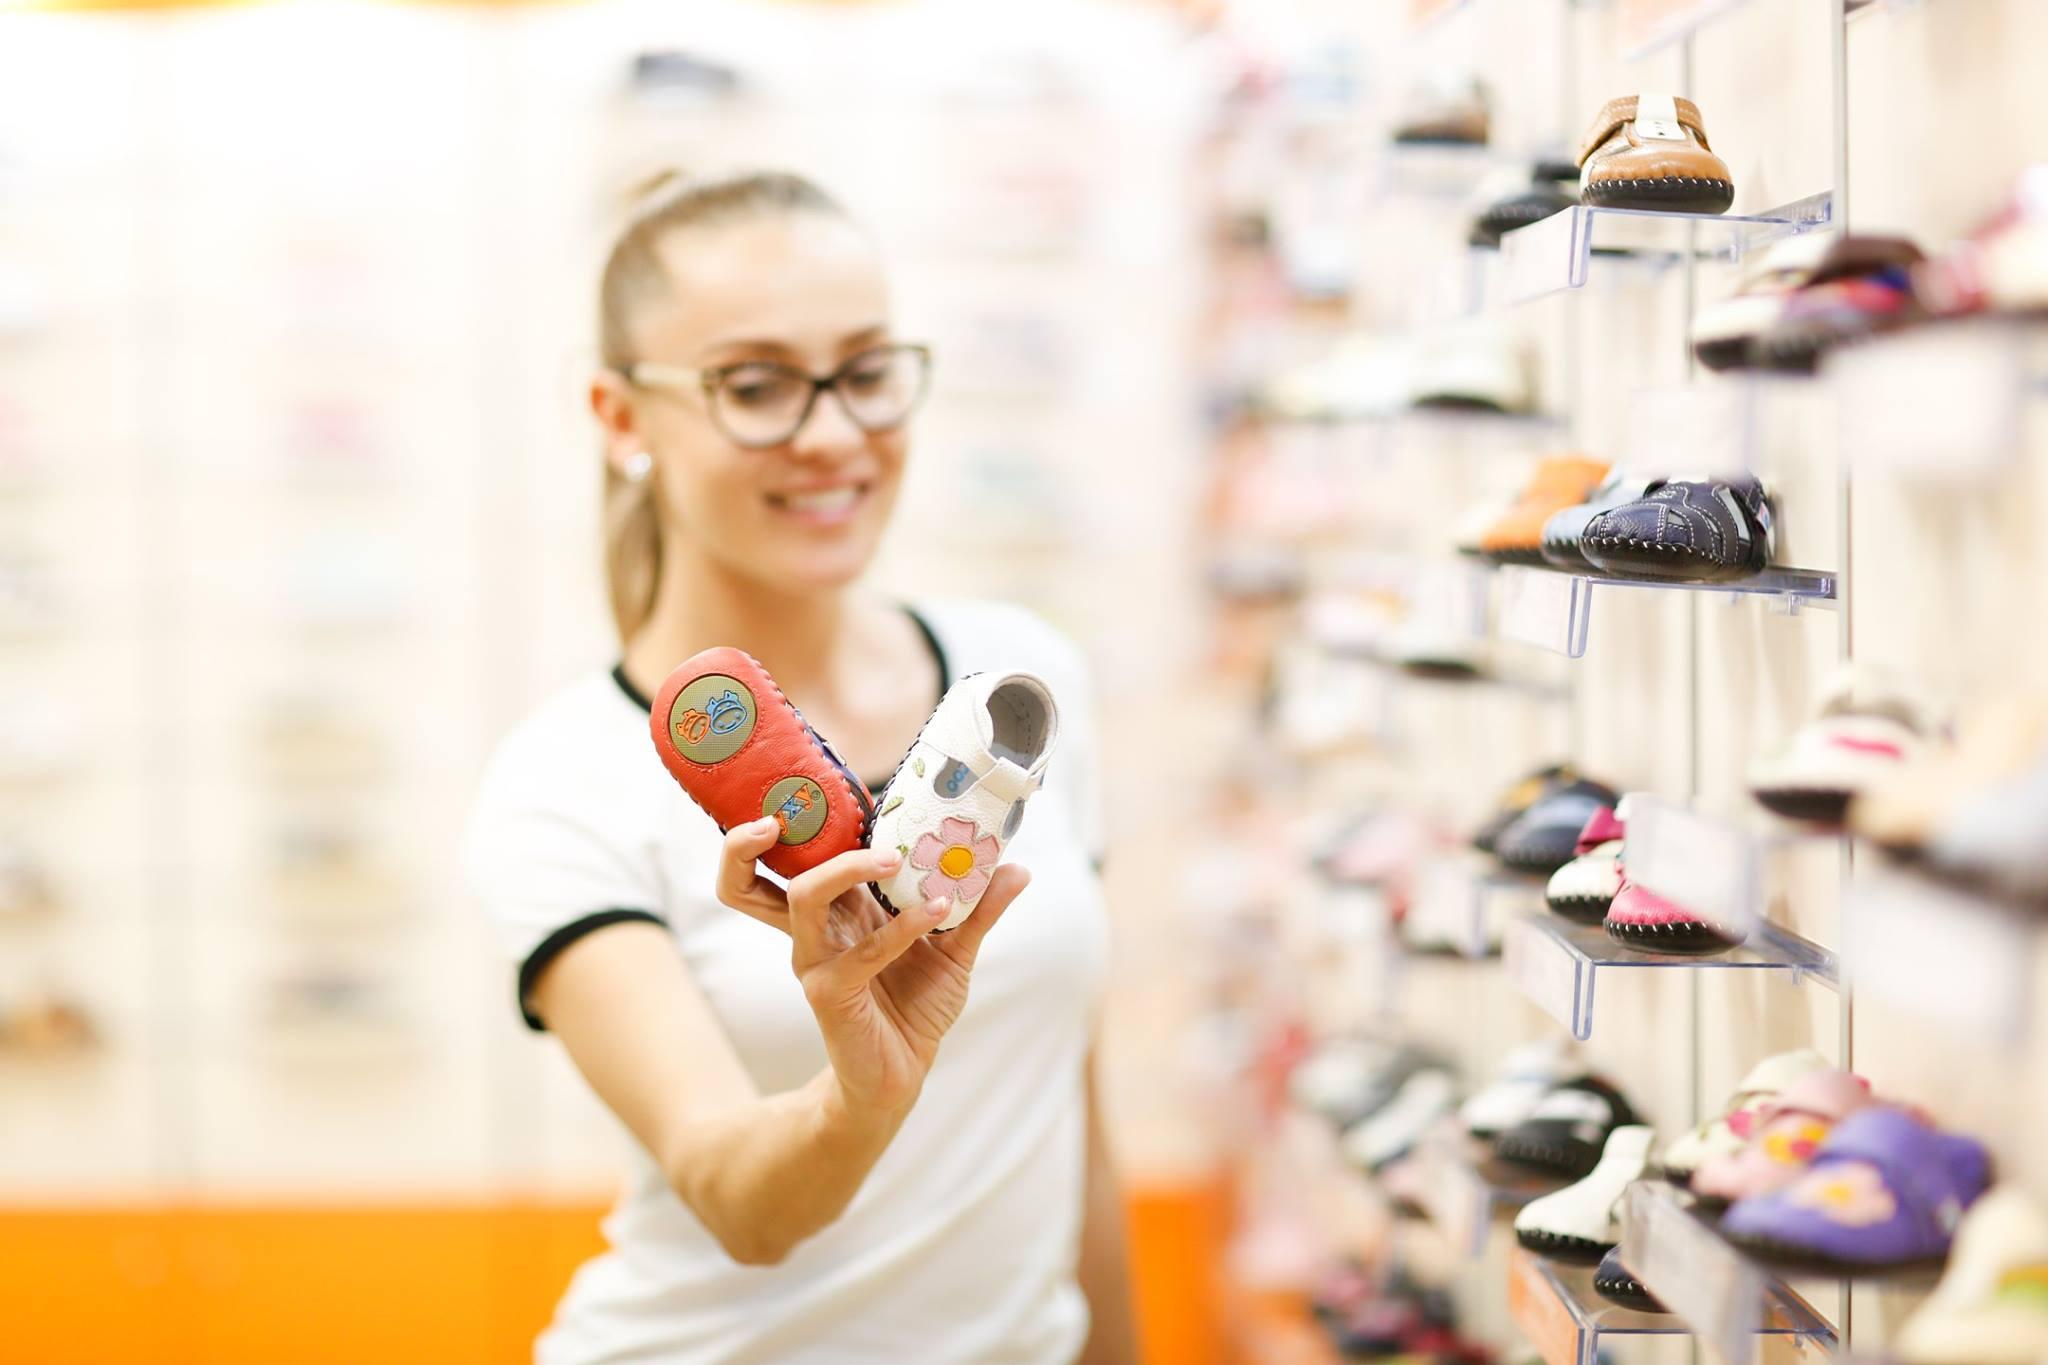 Dezvoltarea piciorului copilului si importanta pantofilor potriviti